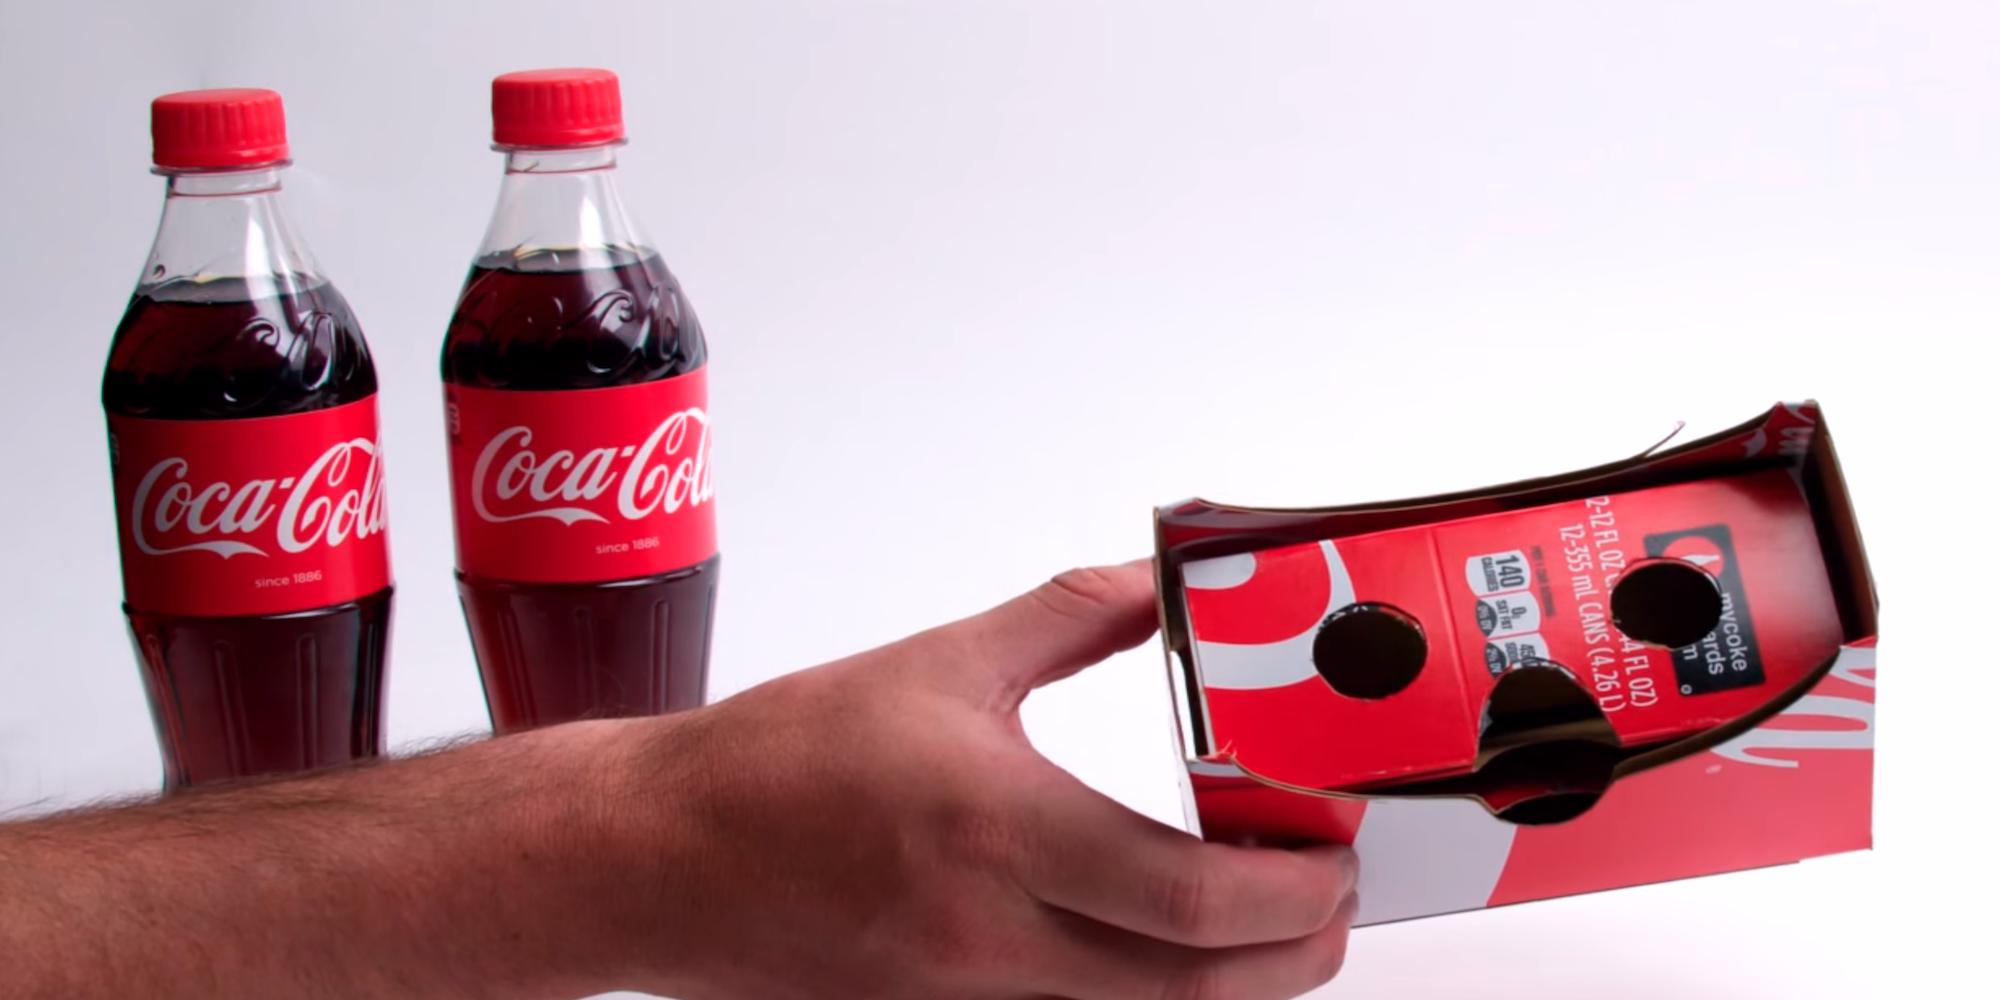 Coca Cola plánuje prodávat balení, ze kterého lze seskládat cardboard